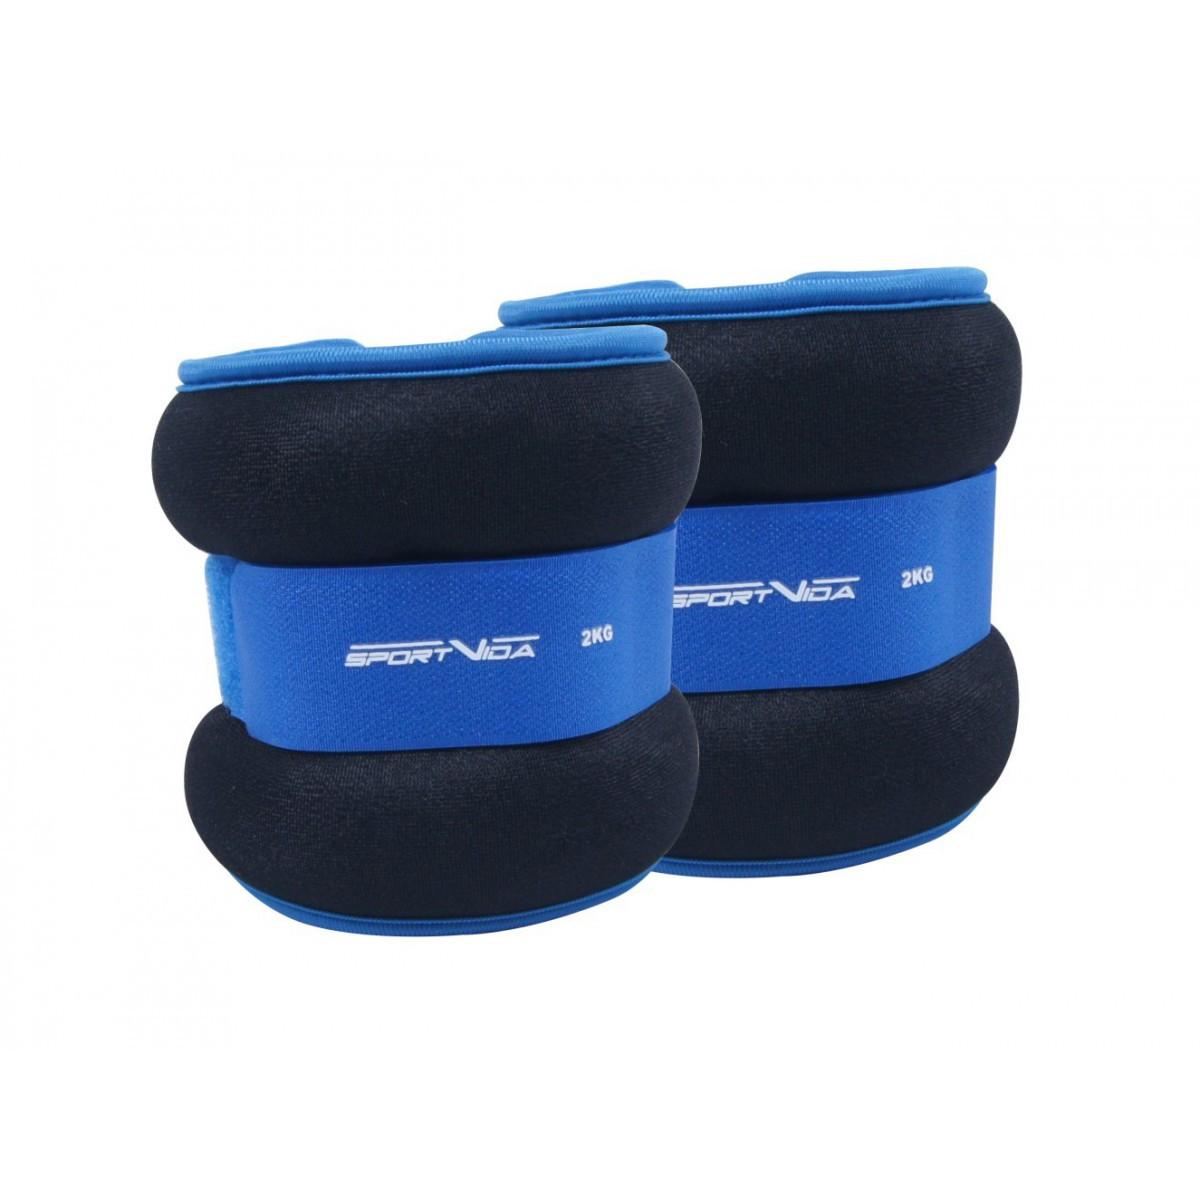 Утяжелители для ног и рук SportVida 2 x 2 кг SV-HK0036. Спортивные утяжелители на ноги и руки